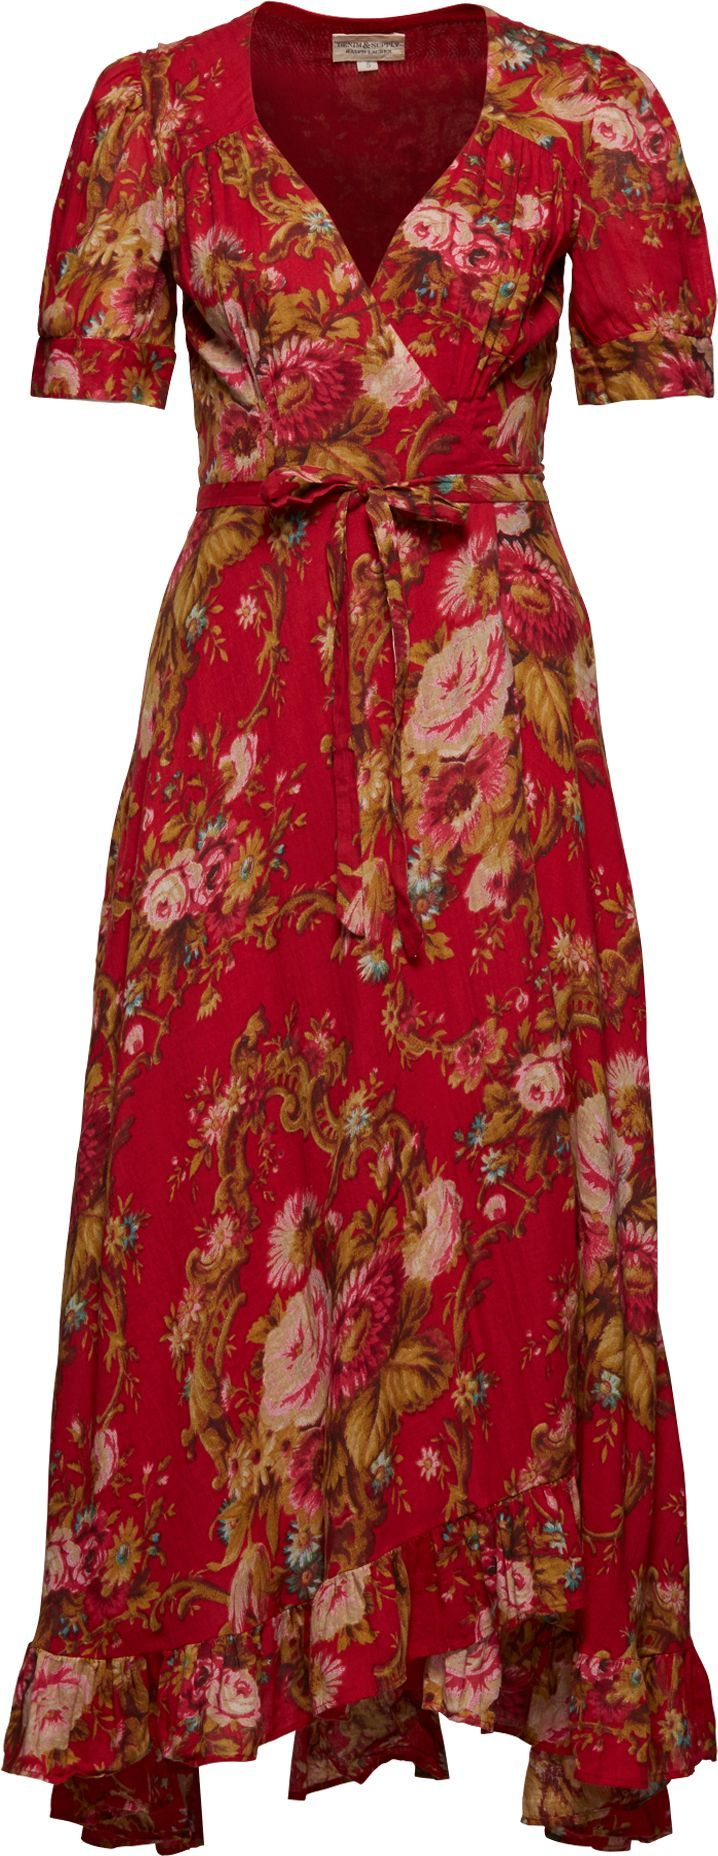 Langes Kleid mit Blumenmuster 'SSL WRAP TIE MA' | Kleid ...